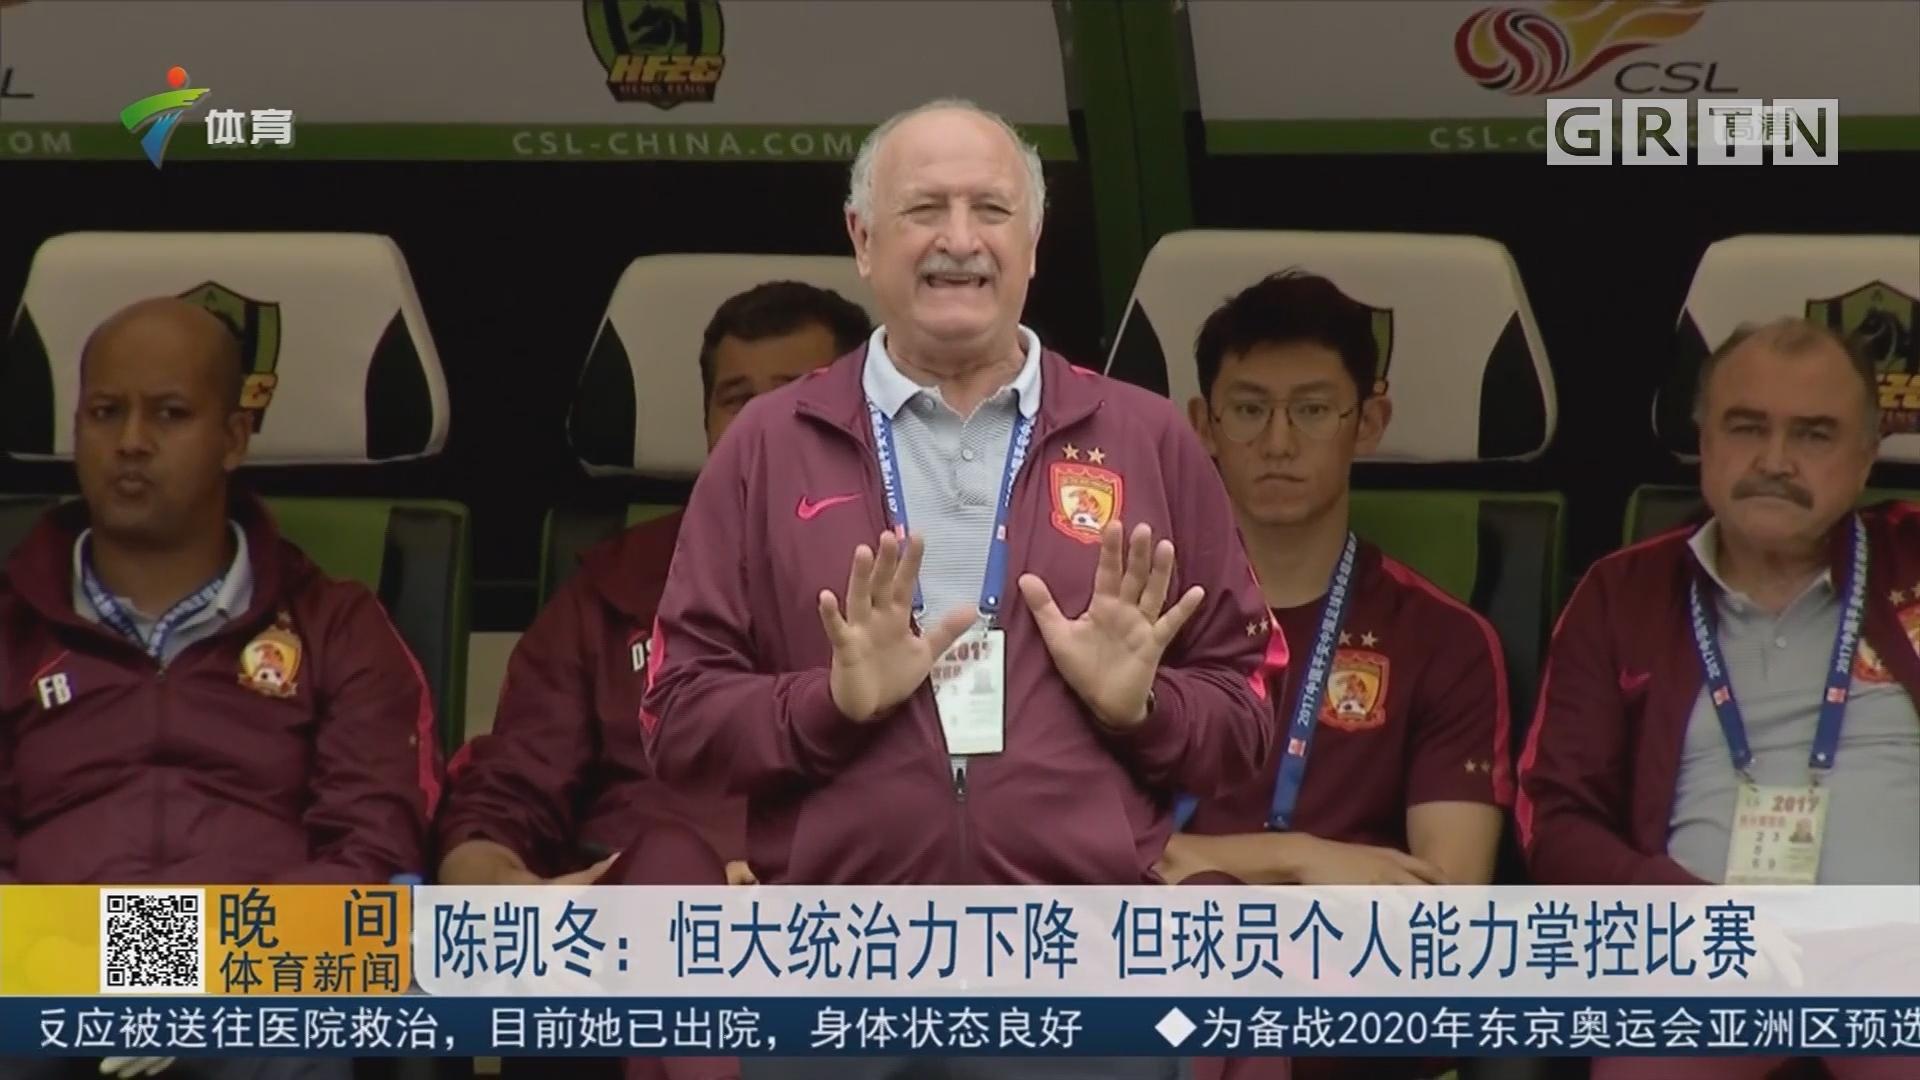 陈凯冬:恒大统治力下降 但球员个人能力掌控比赛